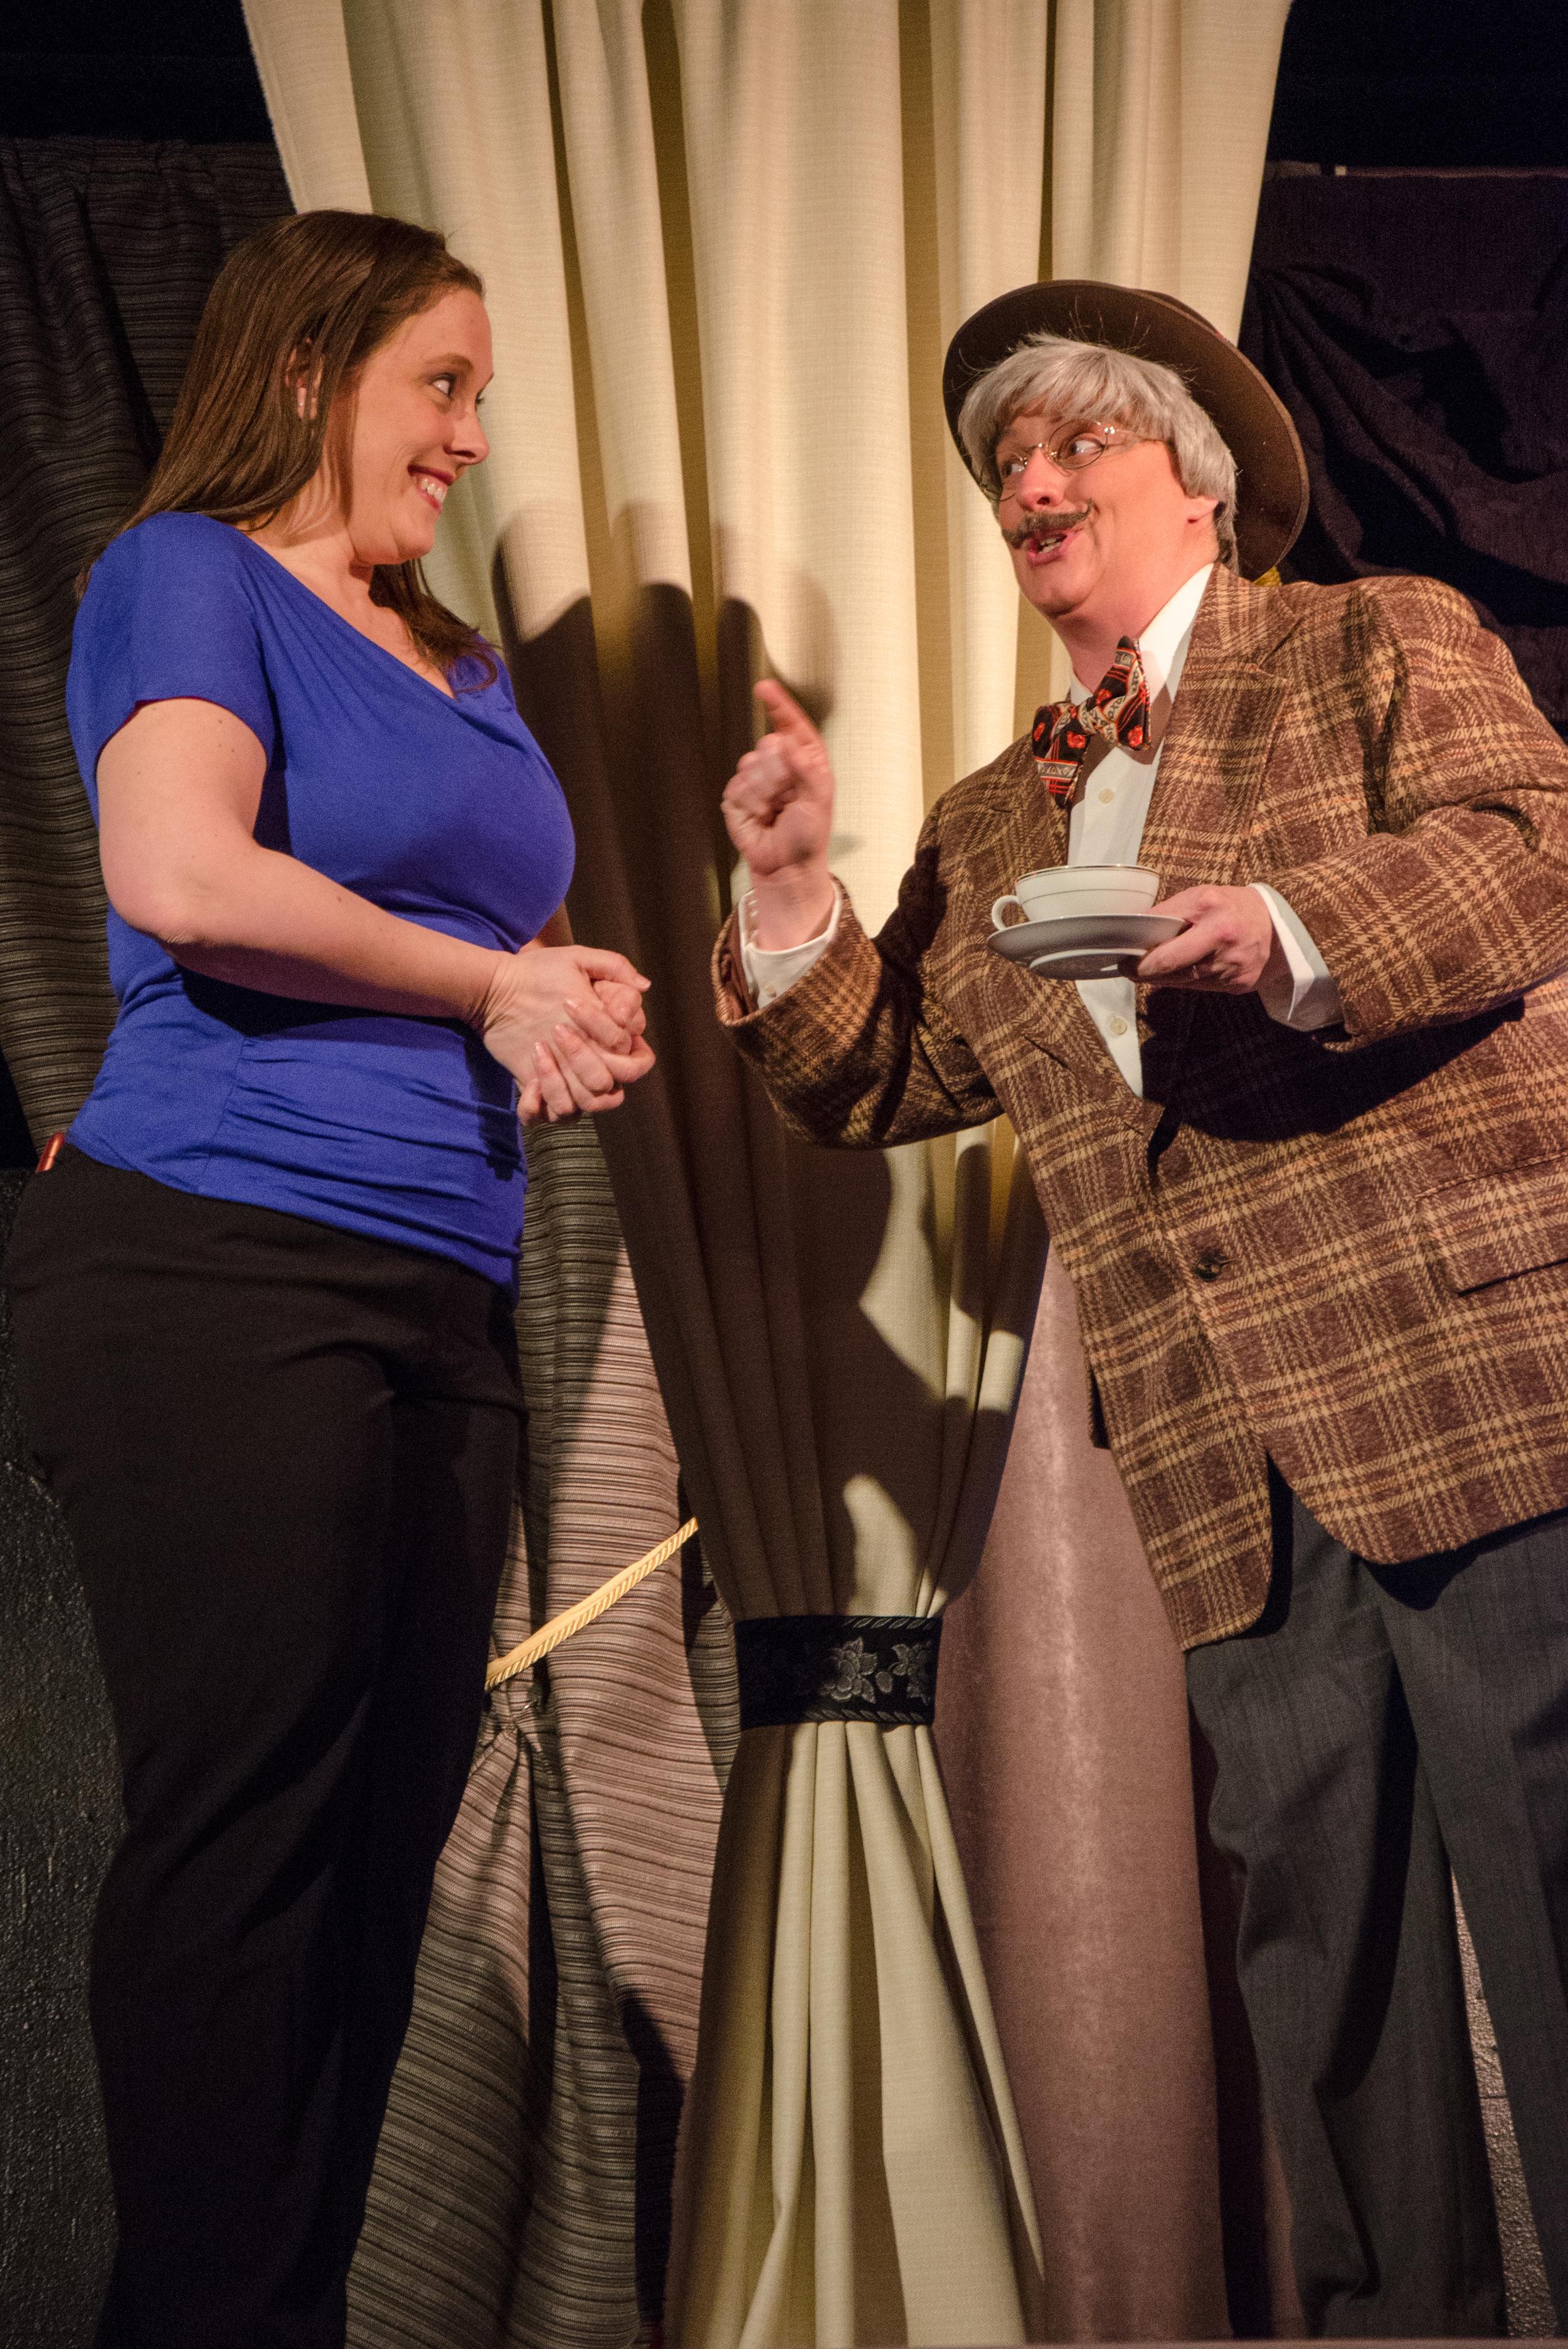 Jessica (Tara Herweg-Mann), Lord Derby (Melissa Himmelreich Nicholson)